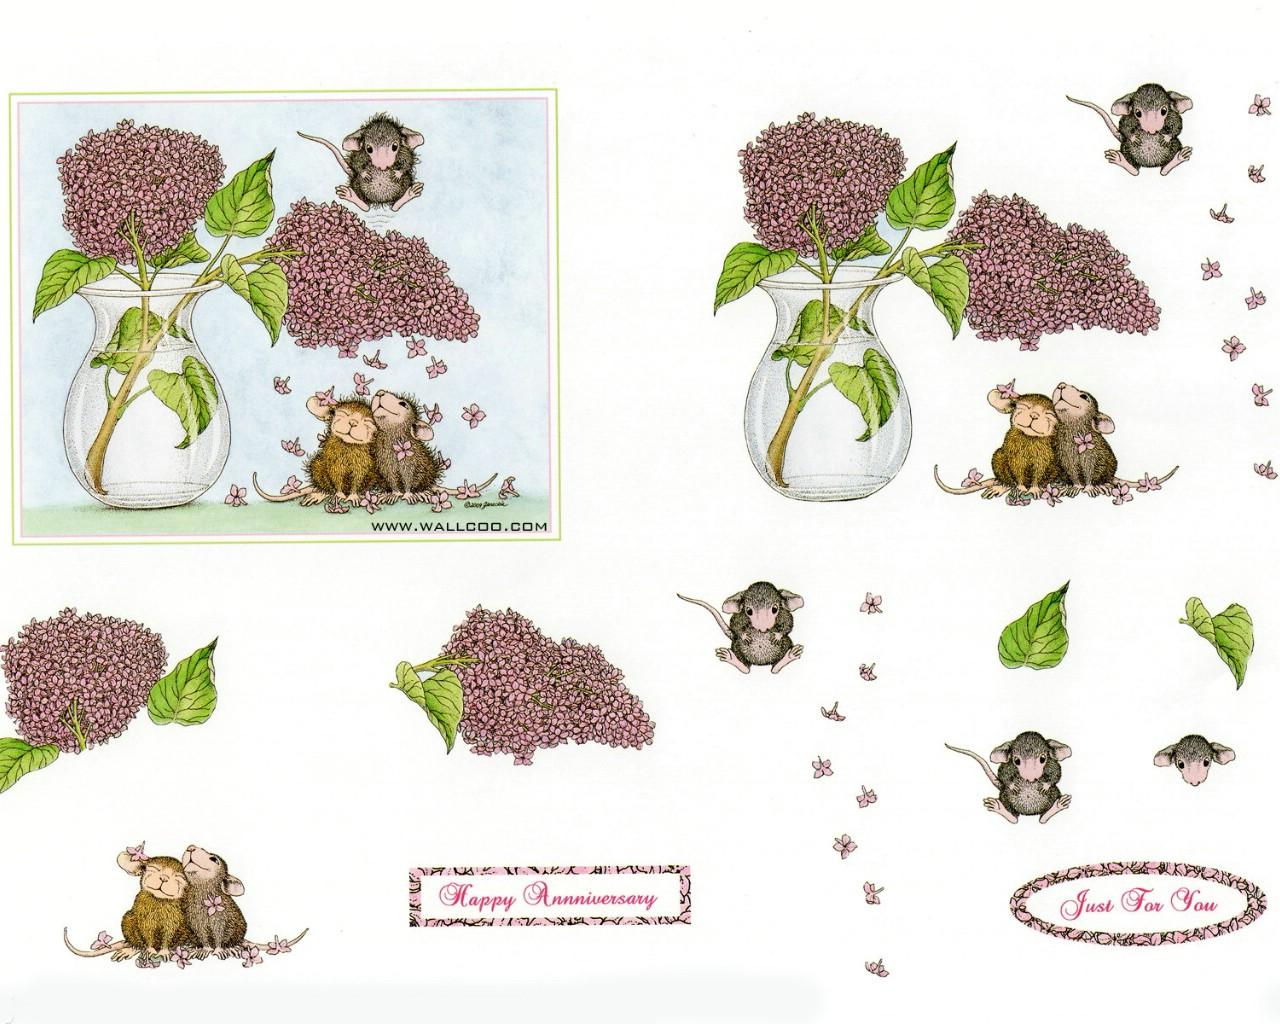 壁纸1280×1024Confeti 可爱小老鼠插画原画壁纸 鼠鼠一家温馨小老鼠插画壁纸壁纸图片绘画壁纸绘画图片素材桌面壁纸